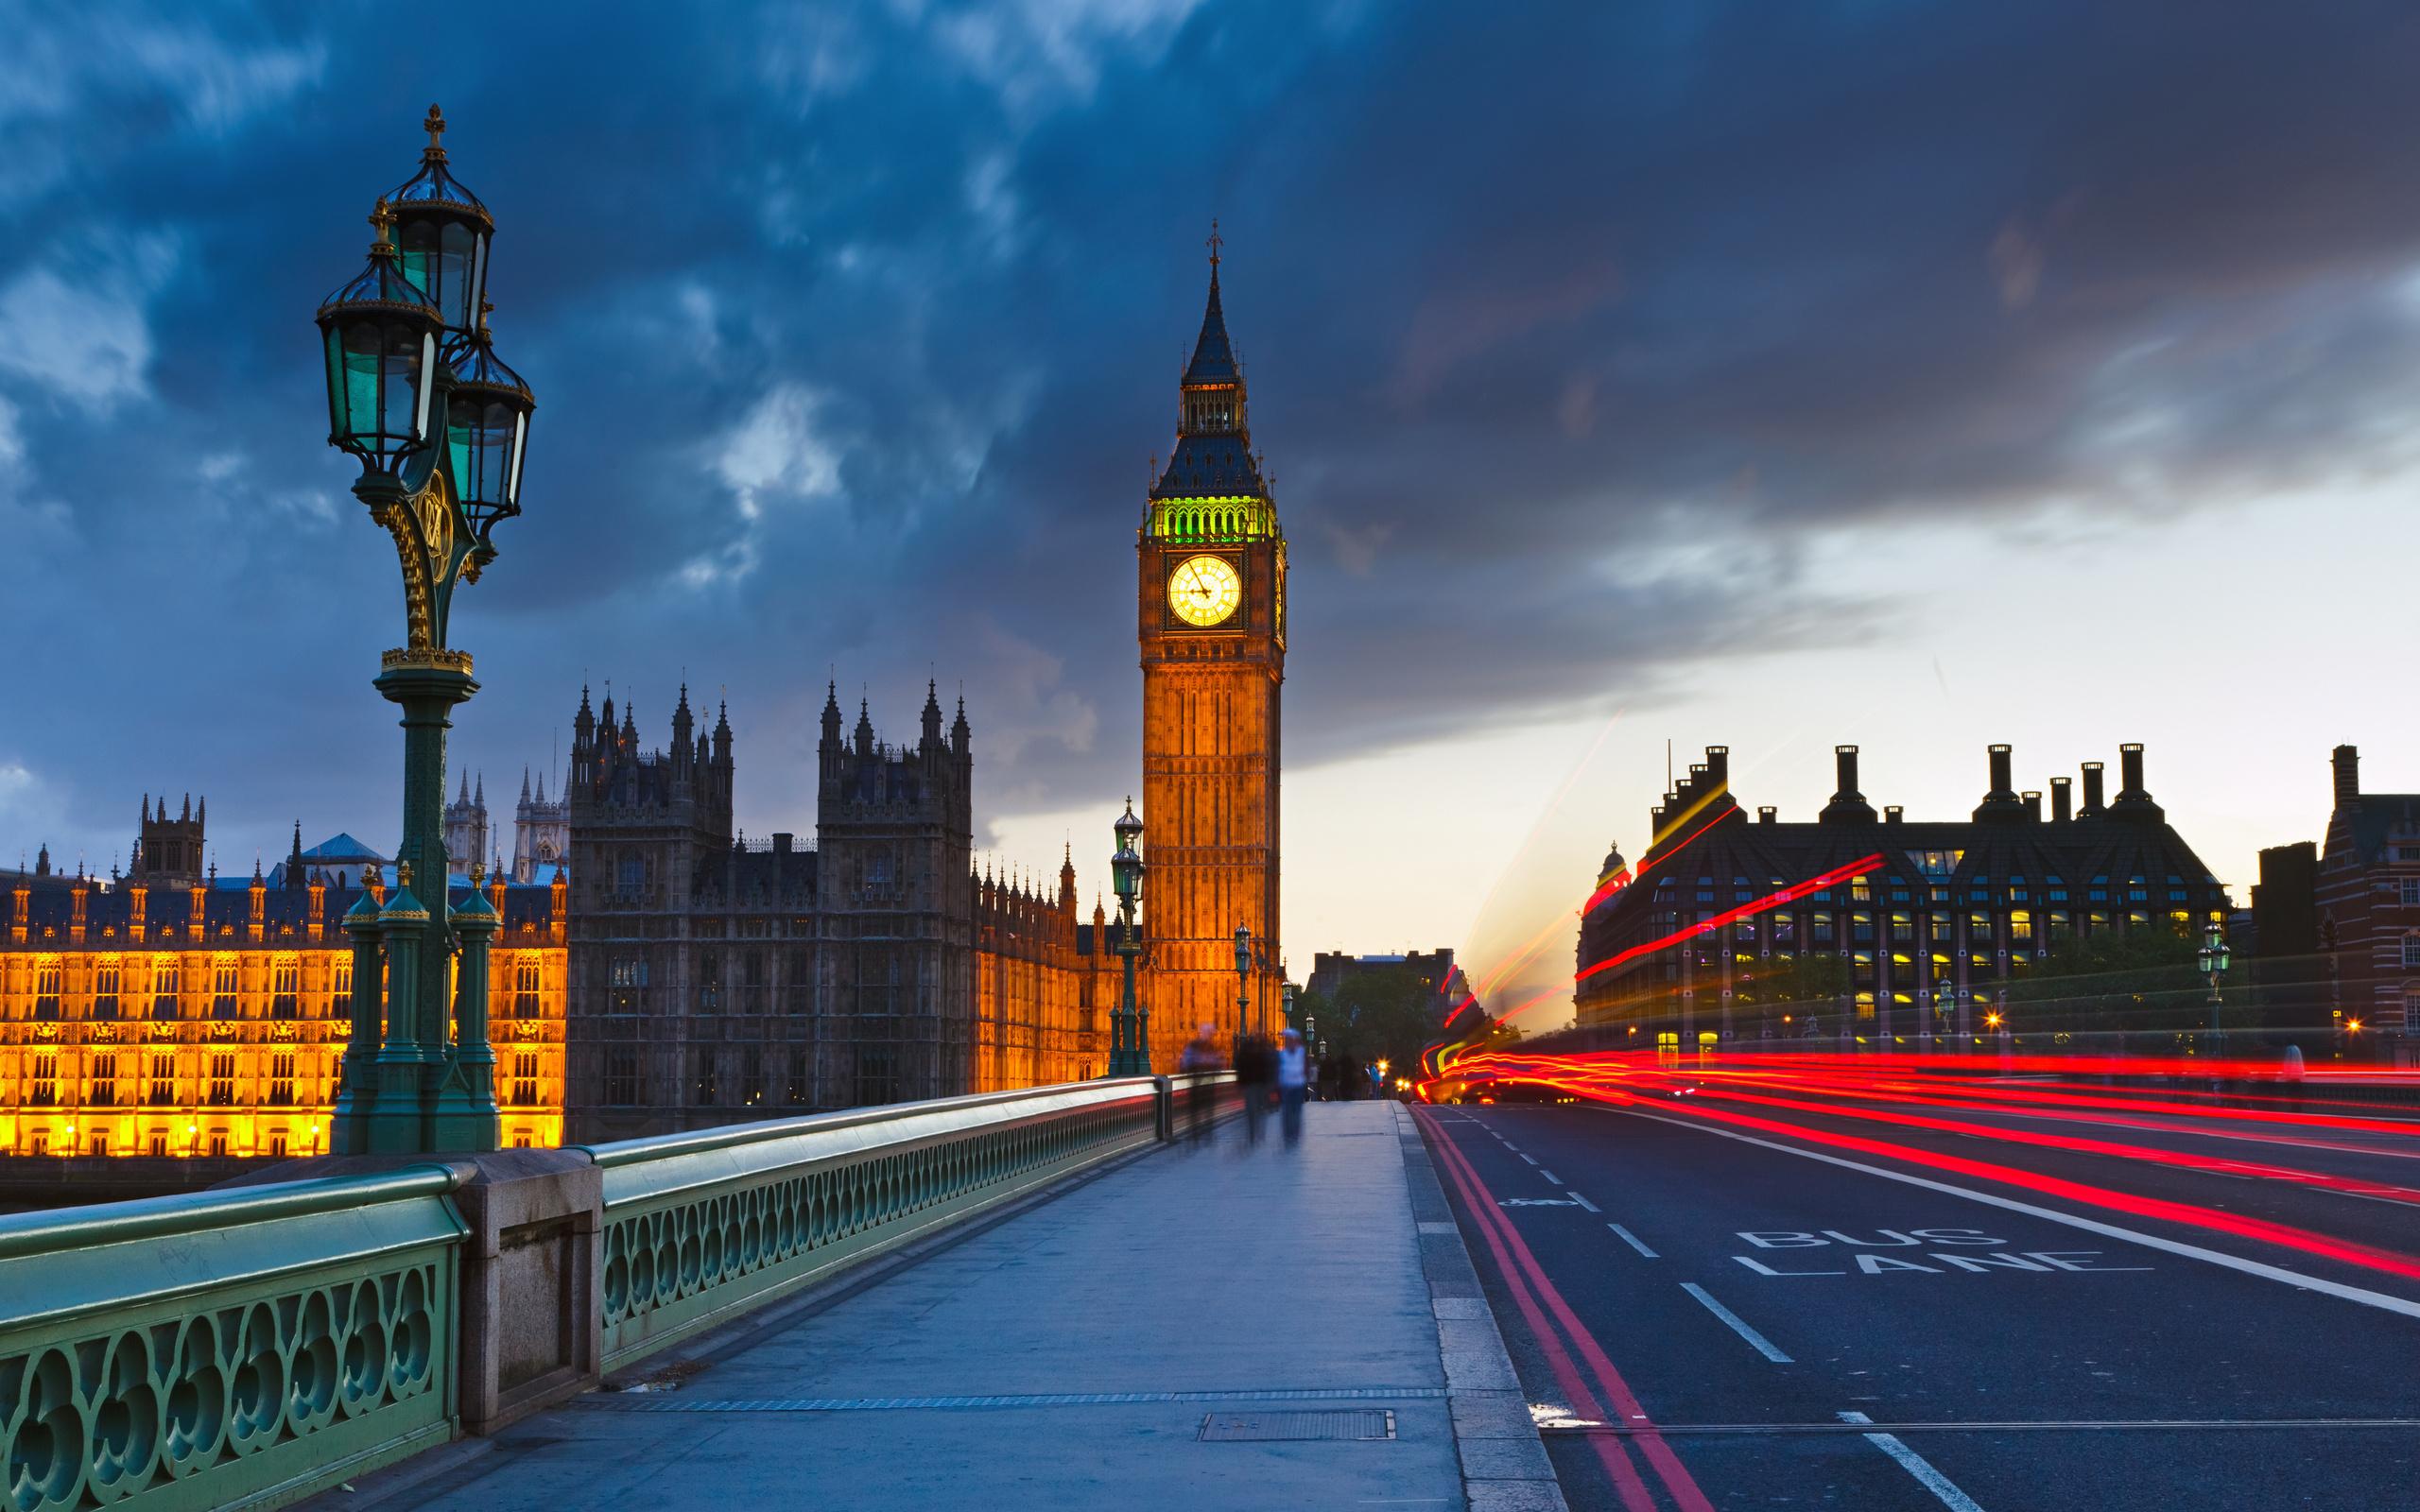 Super Reducere City Break Londra din Bucuresti Rusalii 2020 3 nopti de la 229 Euro/persoana!